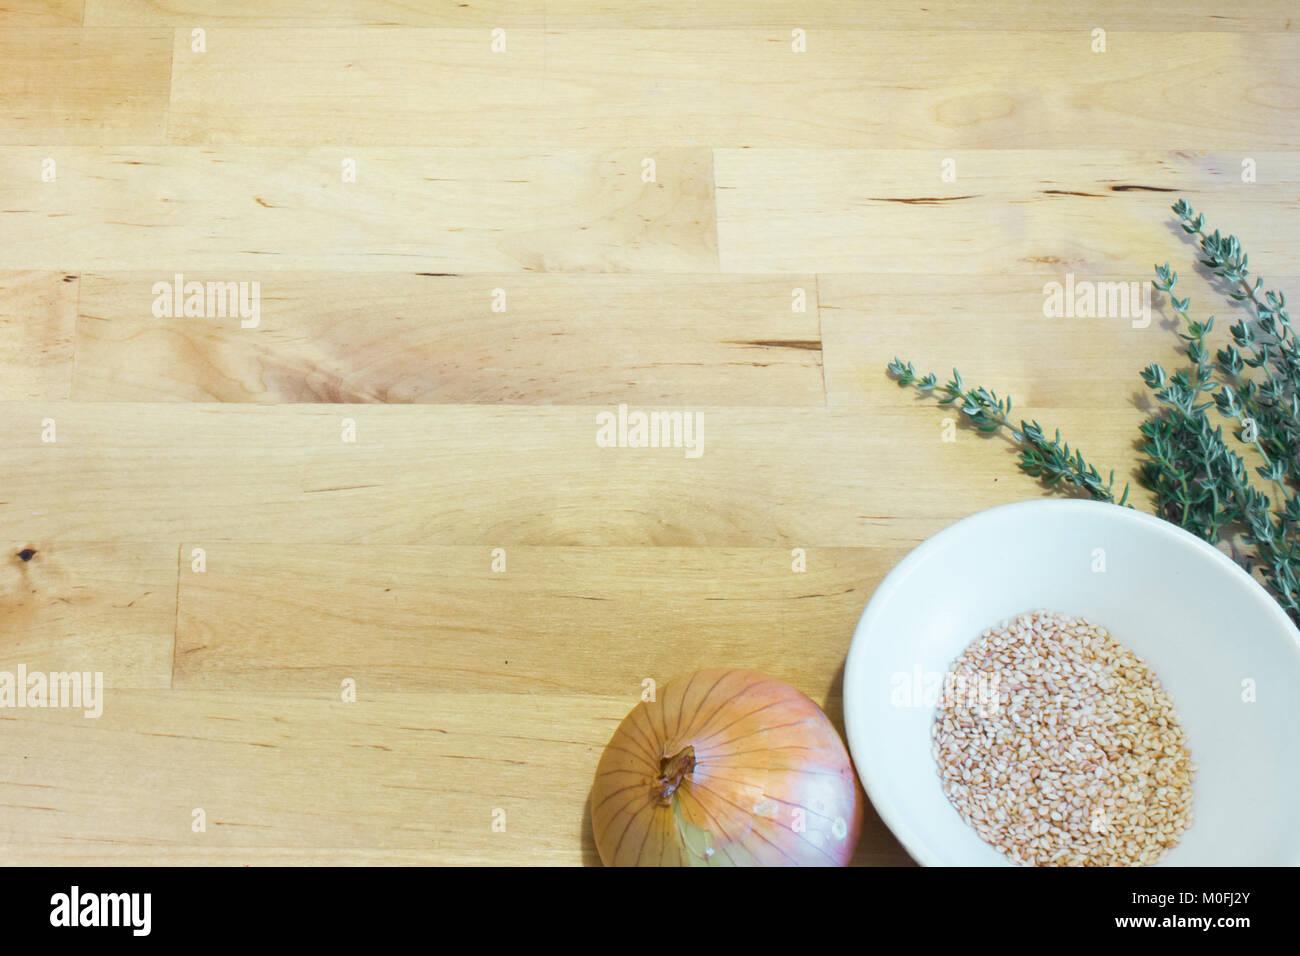 Receta ingredientes cebolla, semillas de sésamo y el tomillo. Placa ...